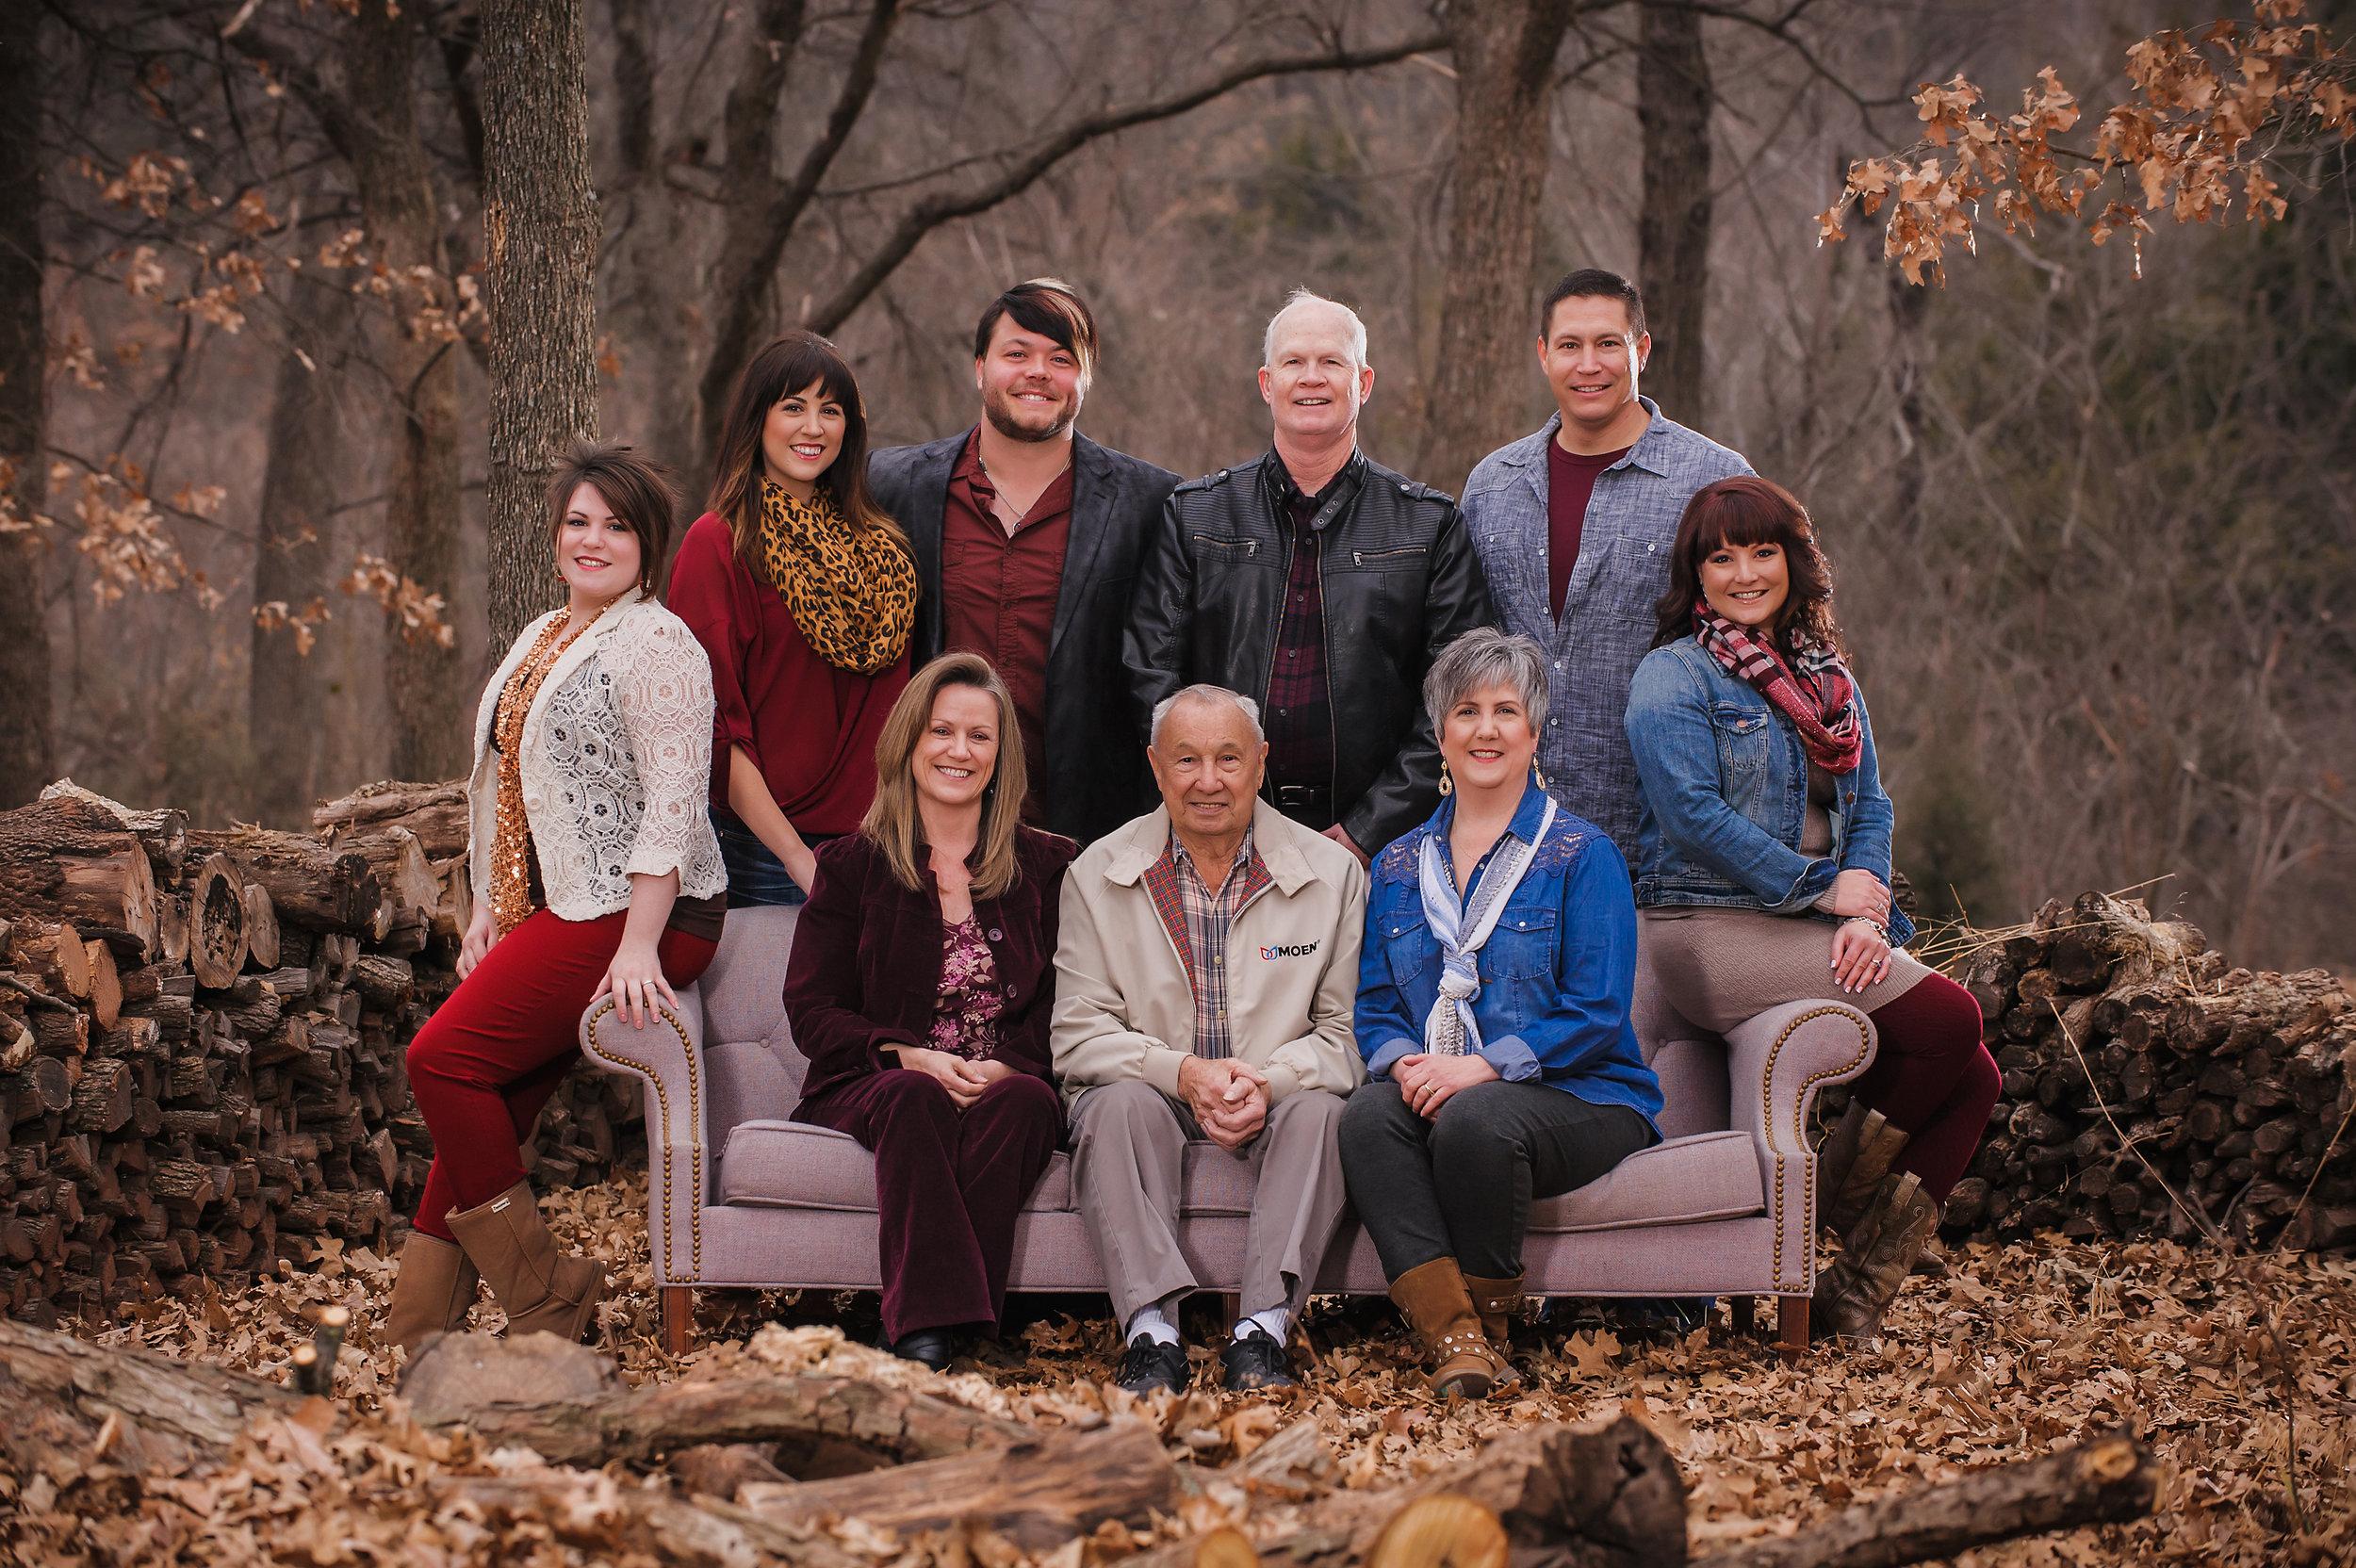 Woodhams-Family-001.jpg